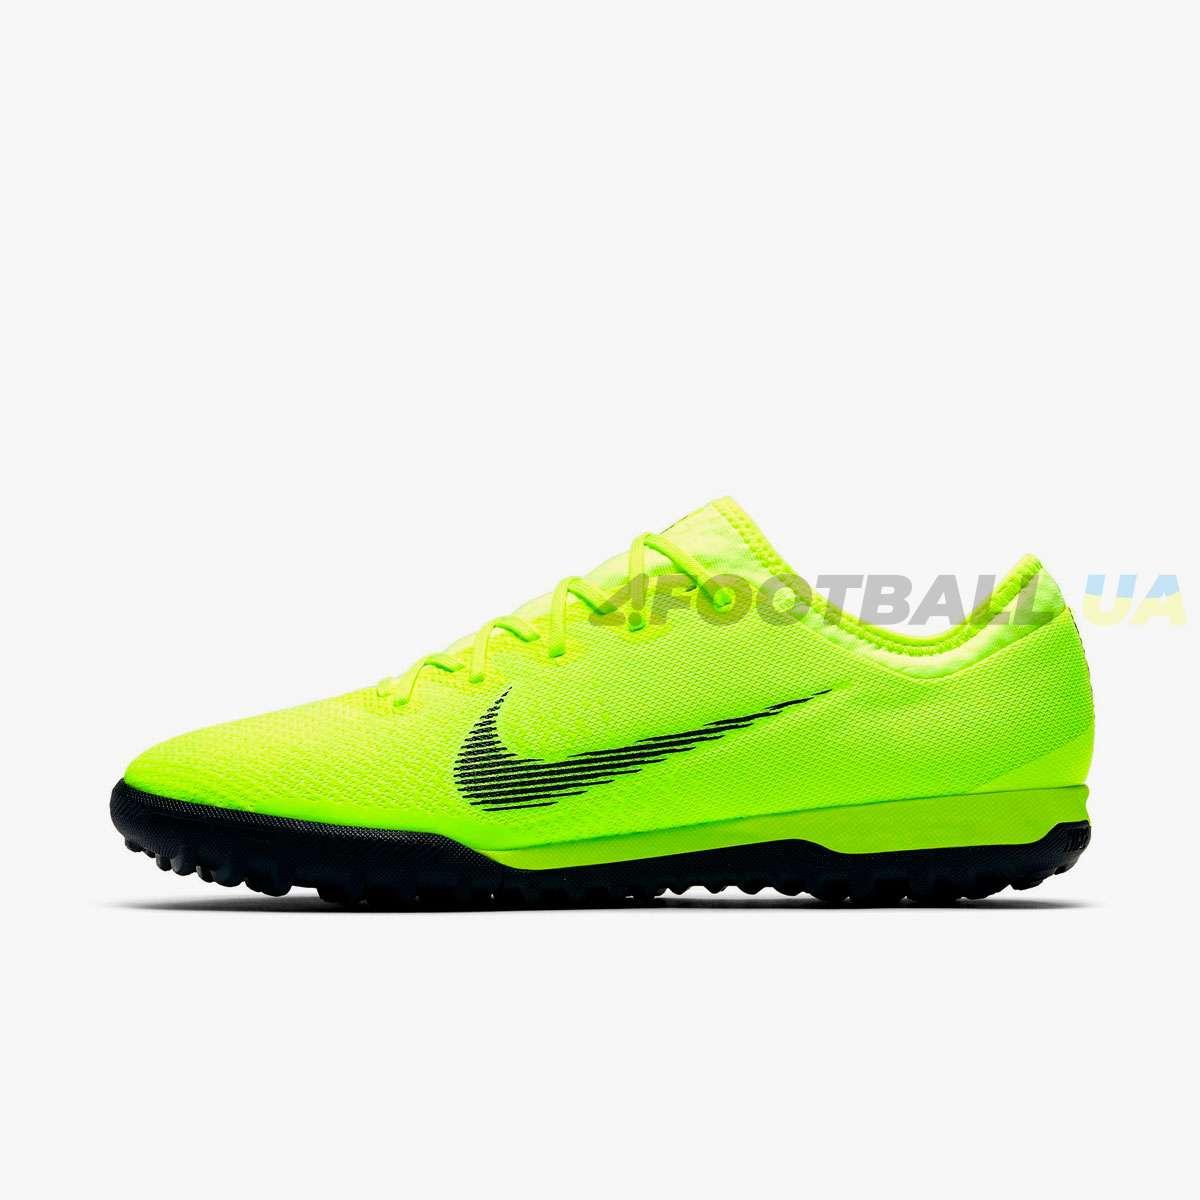 ee264477 Сороконожки Nike Mercurial Vapor 12 Pro AH7388-701 купить на ...